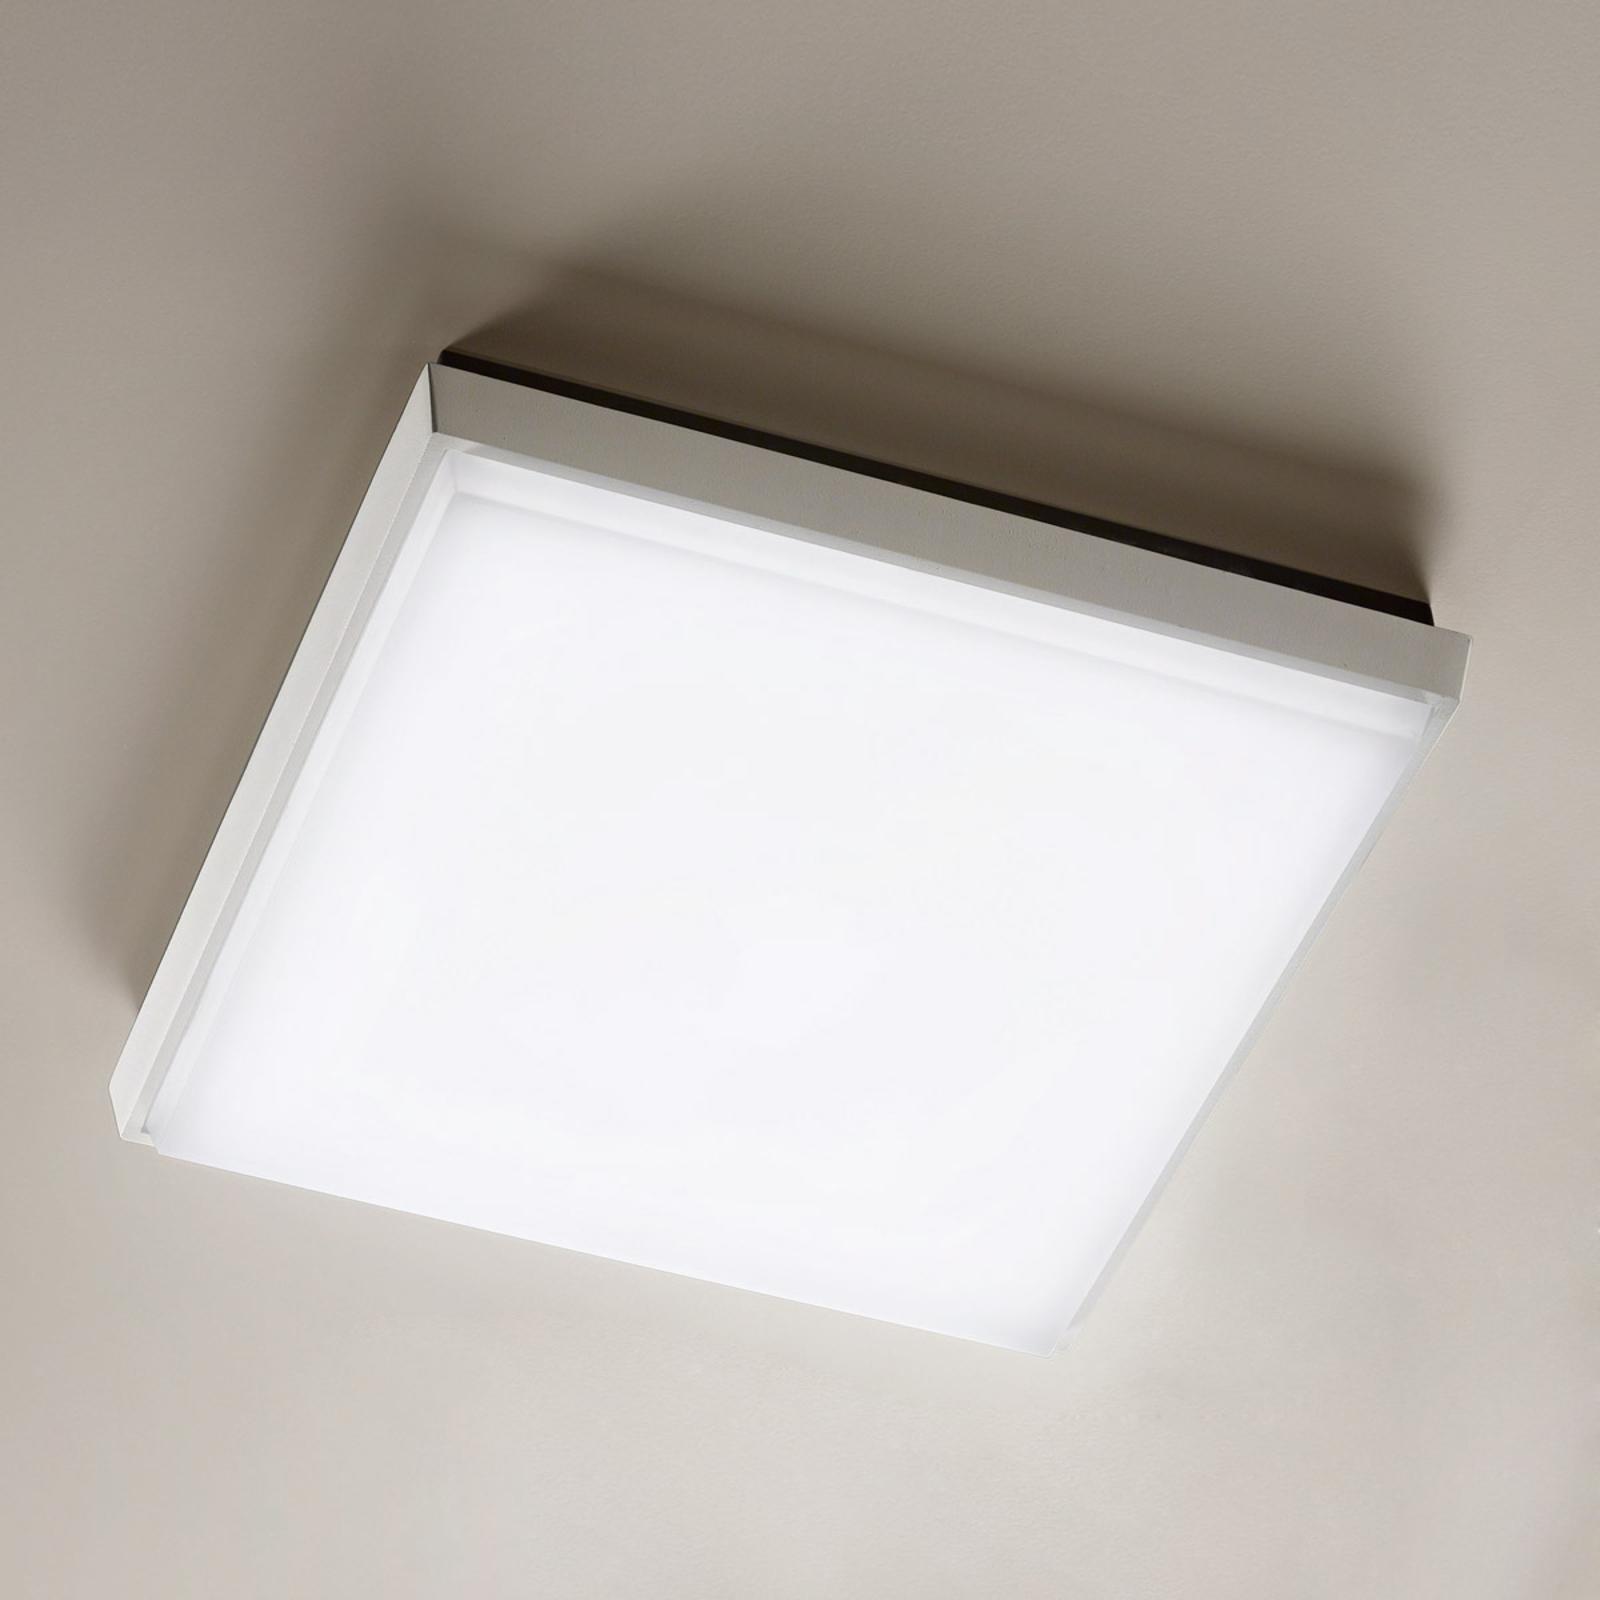 Plafonnier d'extérieur LED Desdy, carré